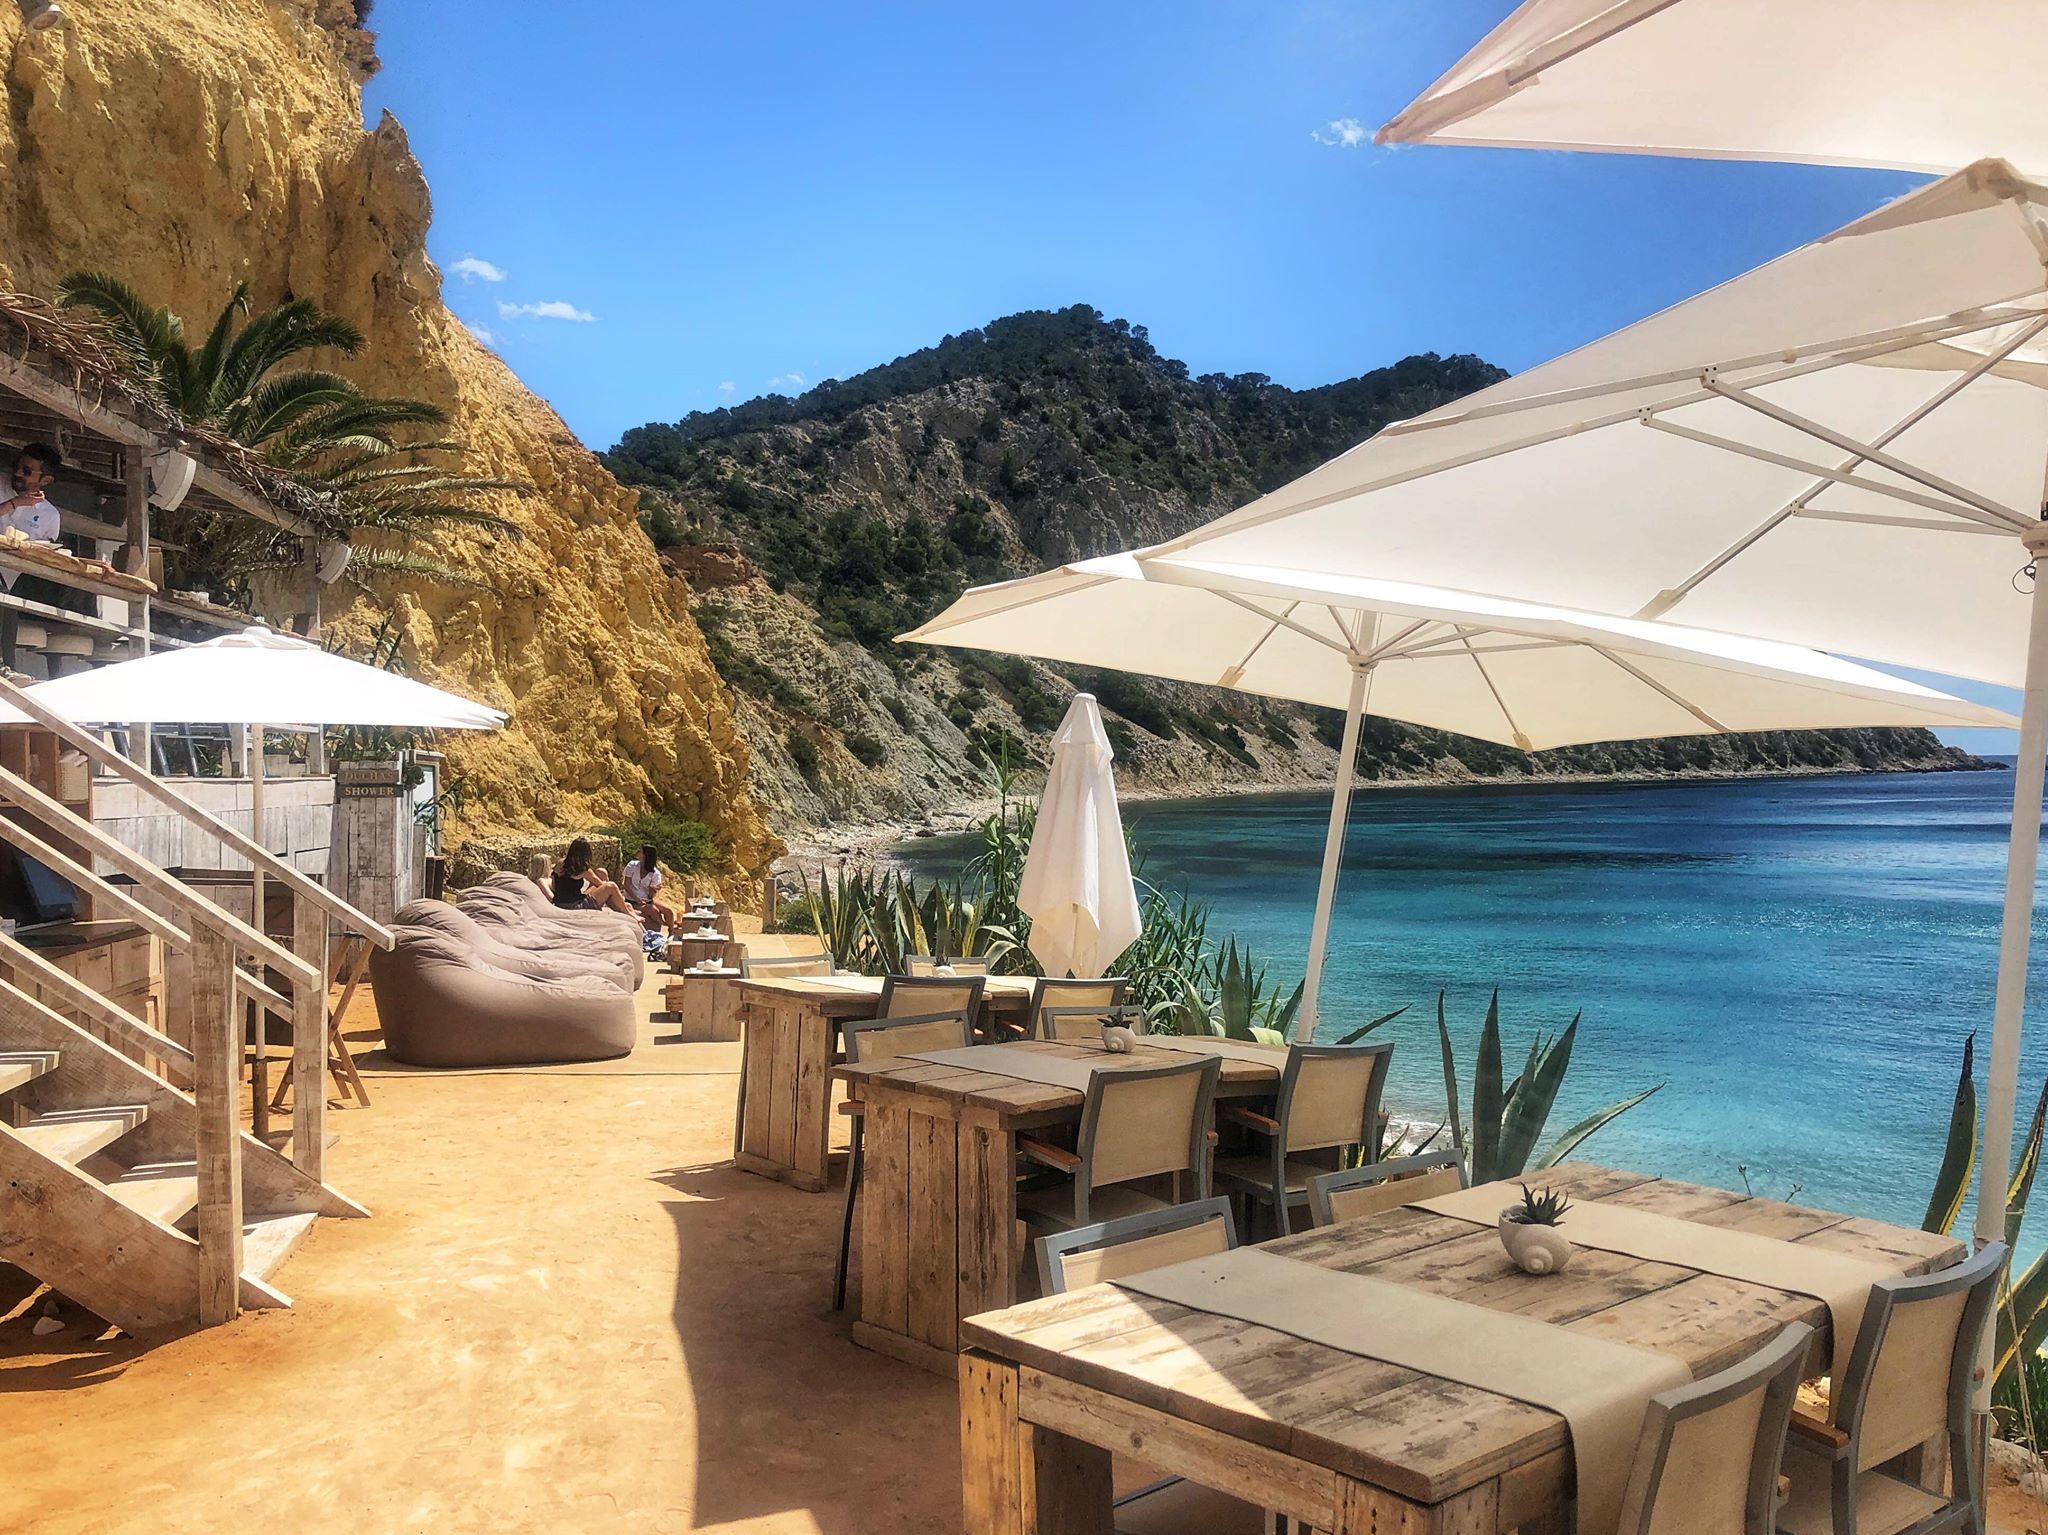 De 5 leukste restaurantjes op Ibiza